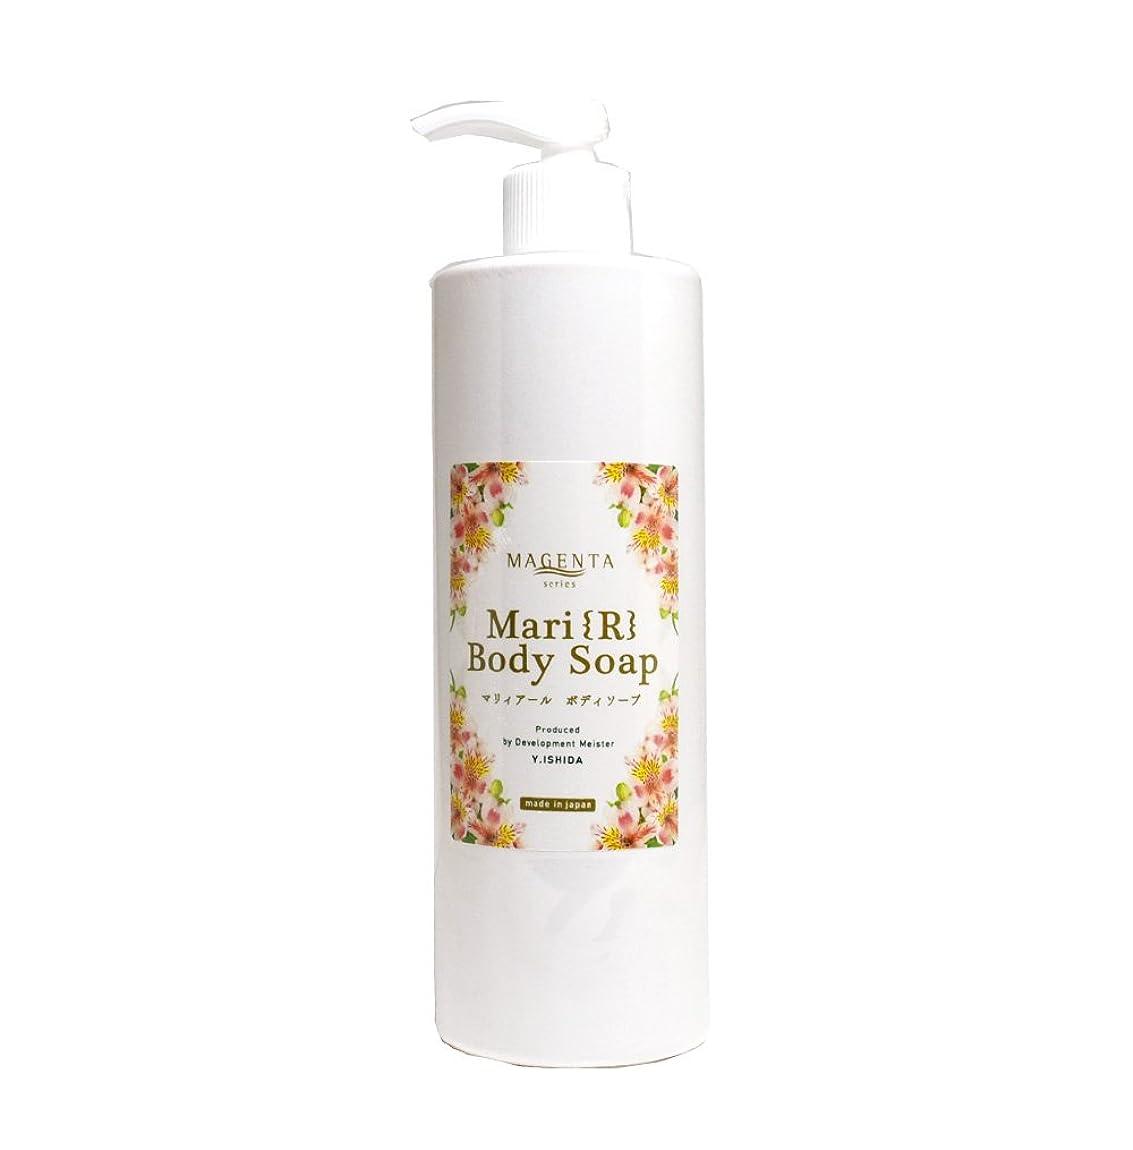 資本主義操作可能在庫MAGENTA Mari R Body Soap 400ml マジェンタ マリイアール ボディソープ 日本製